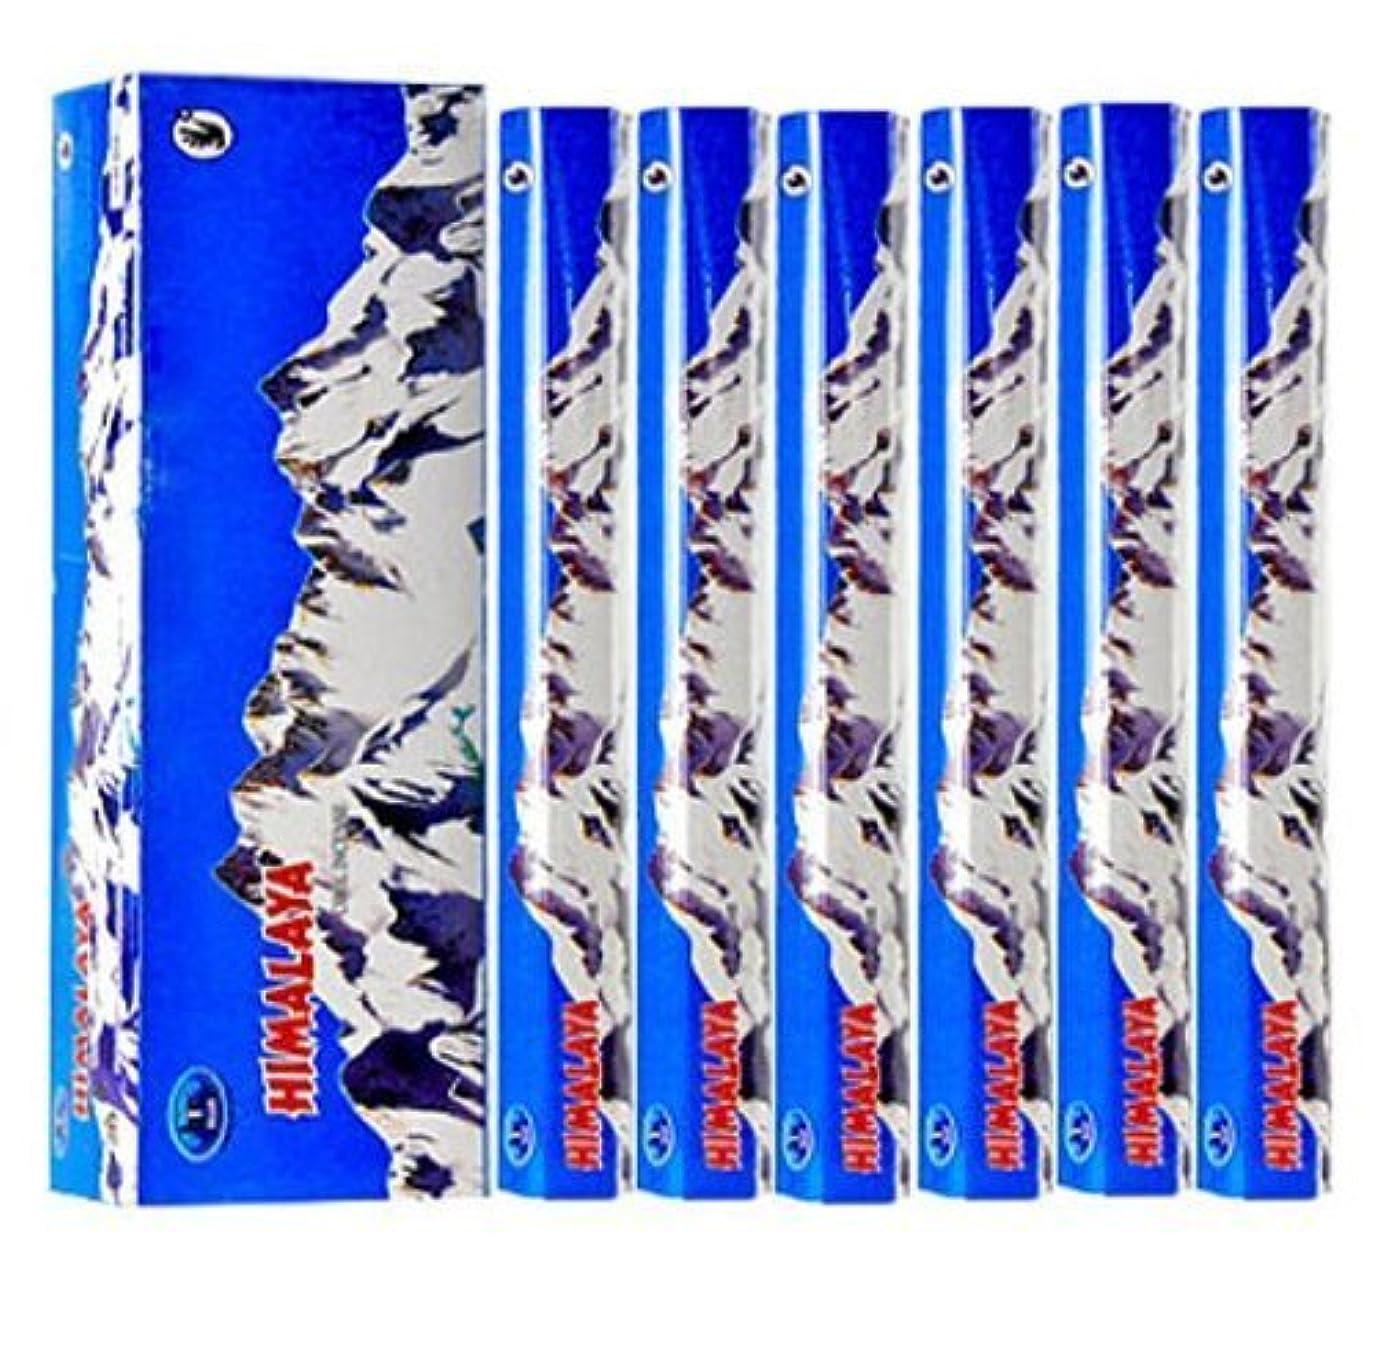 衝突ボーダー最もHimalaya – 120 Sticksボックス – Bic Incense